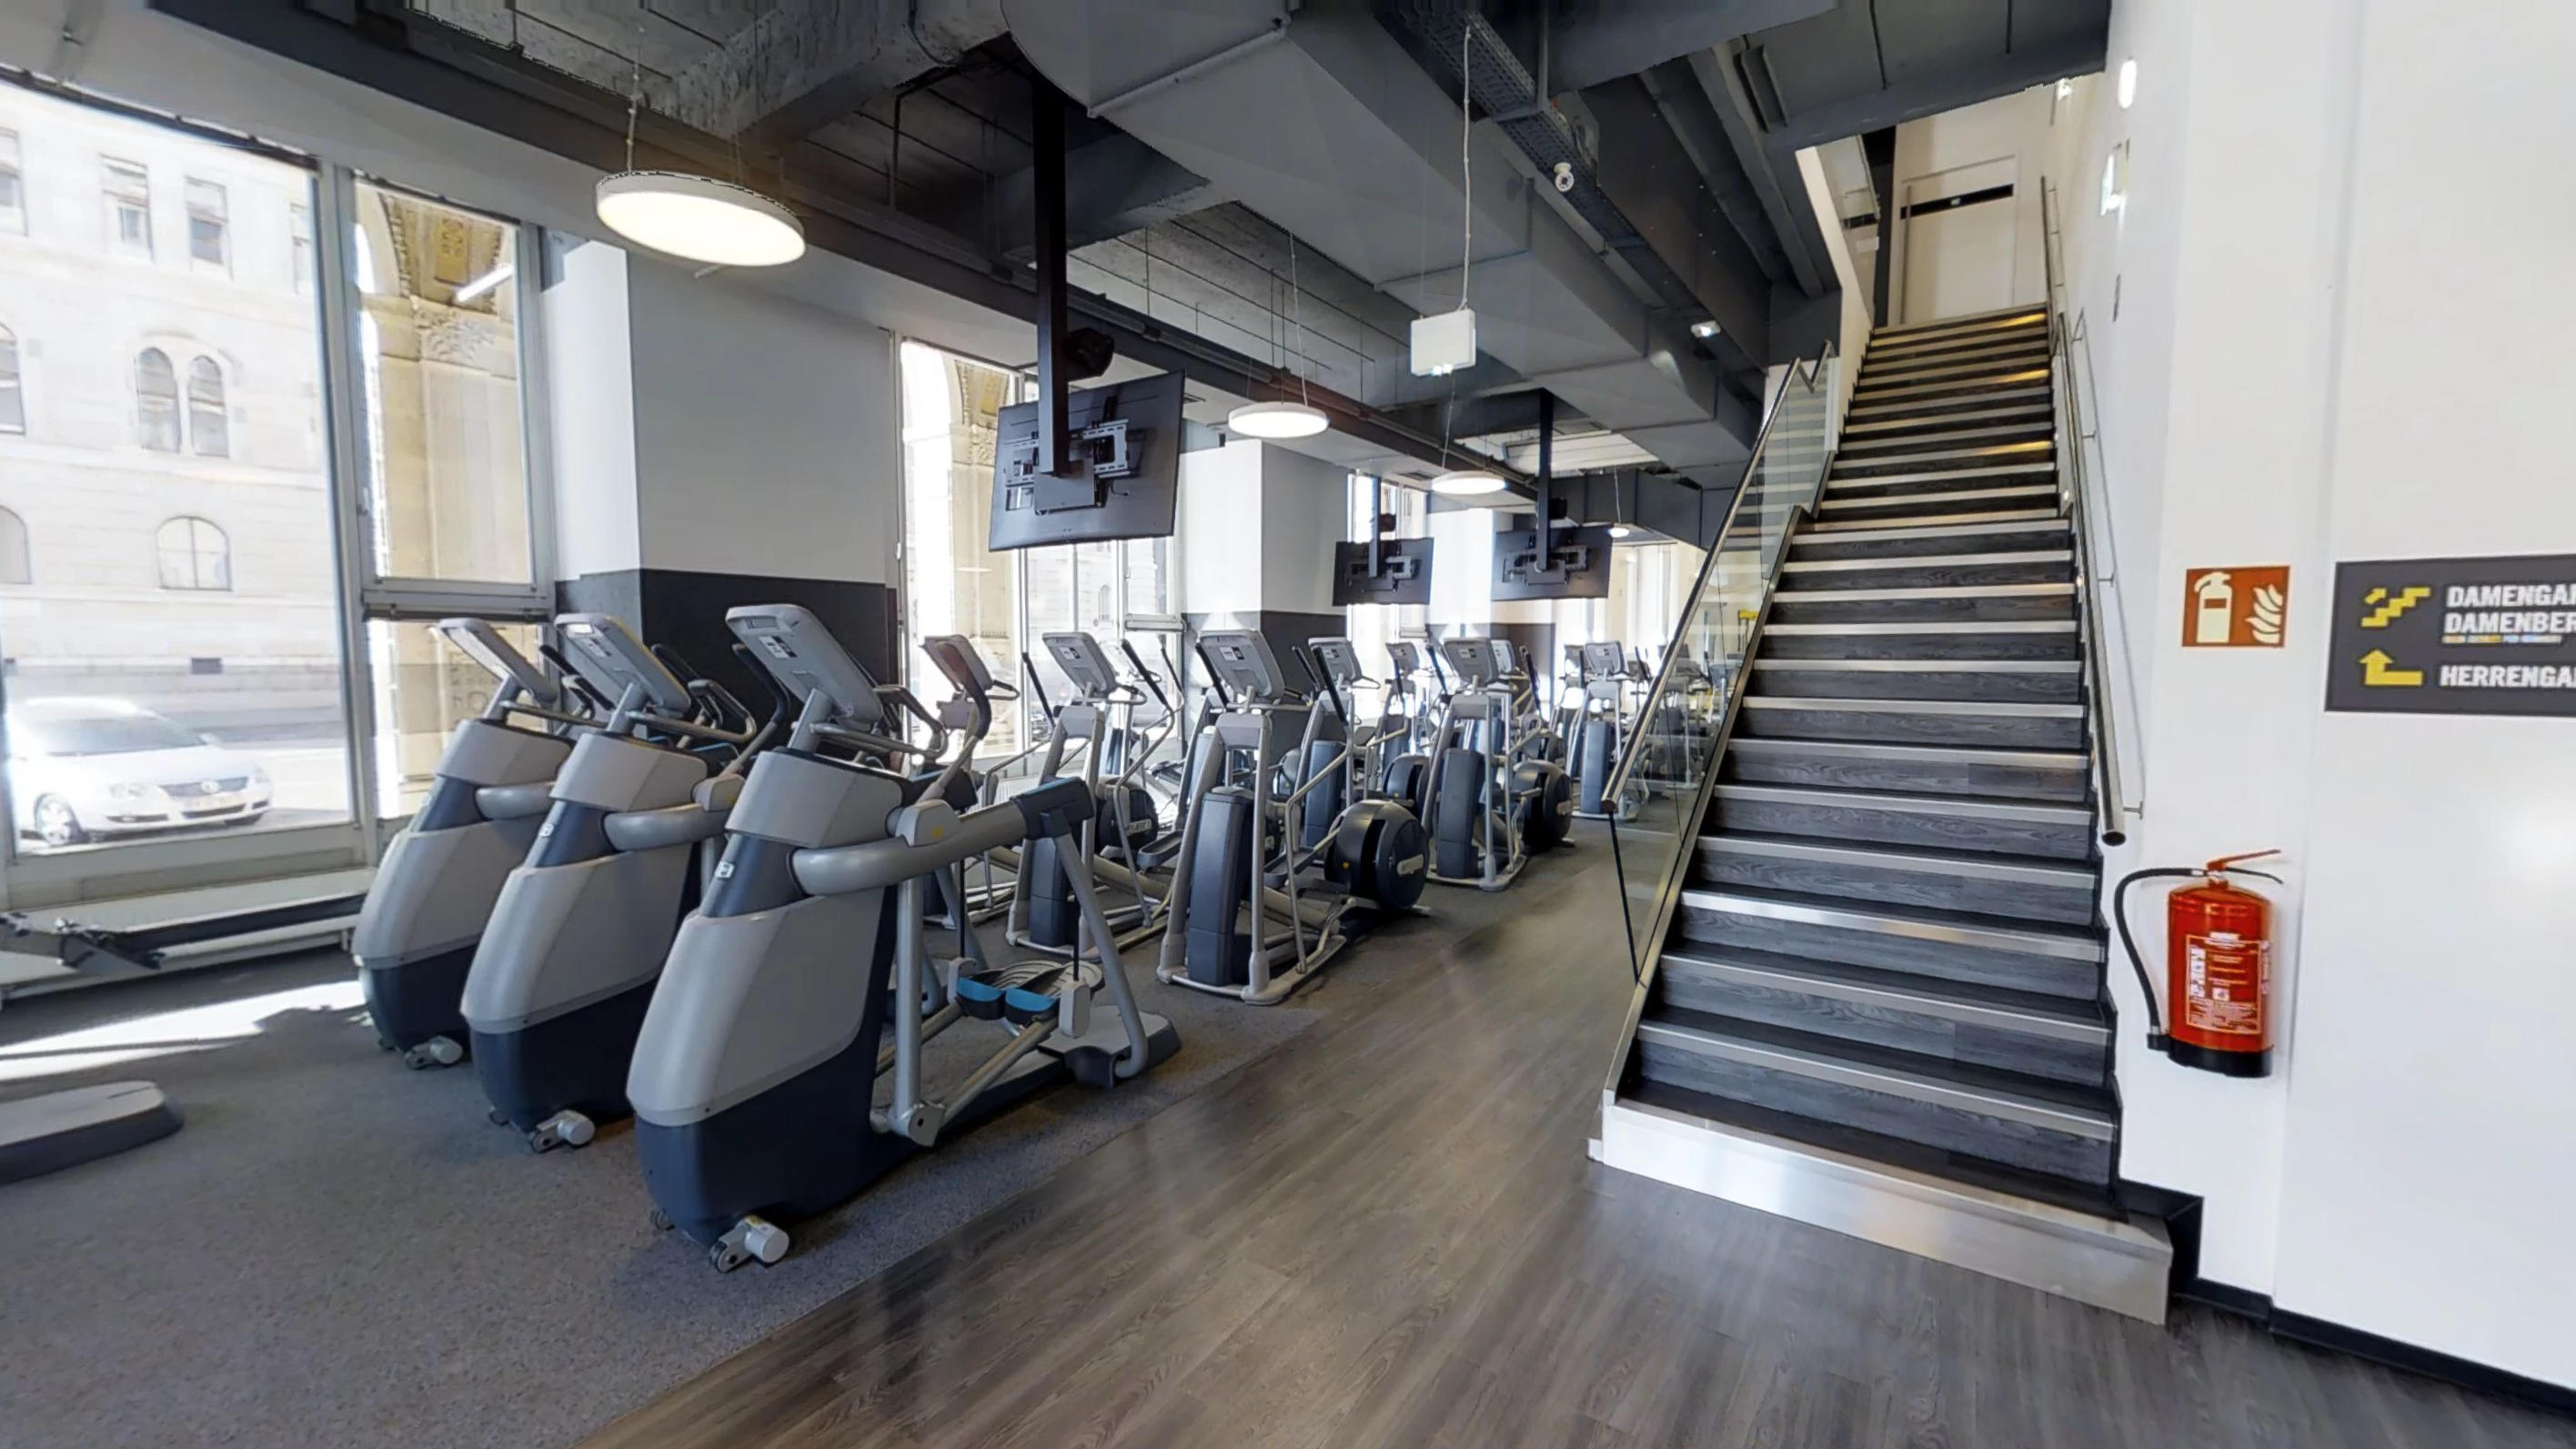 Fitinn Fitness Studio